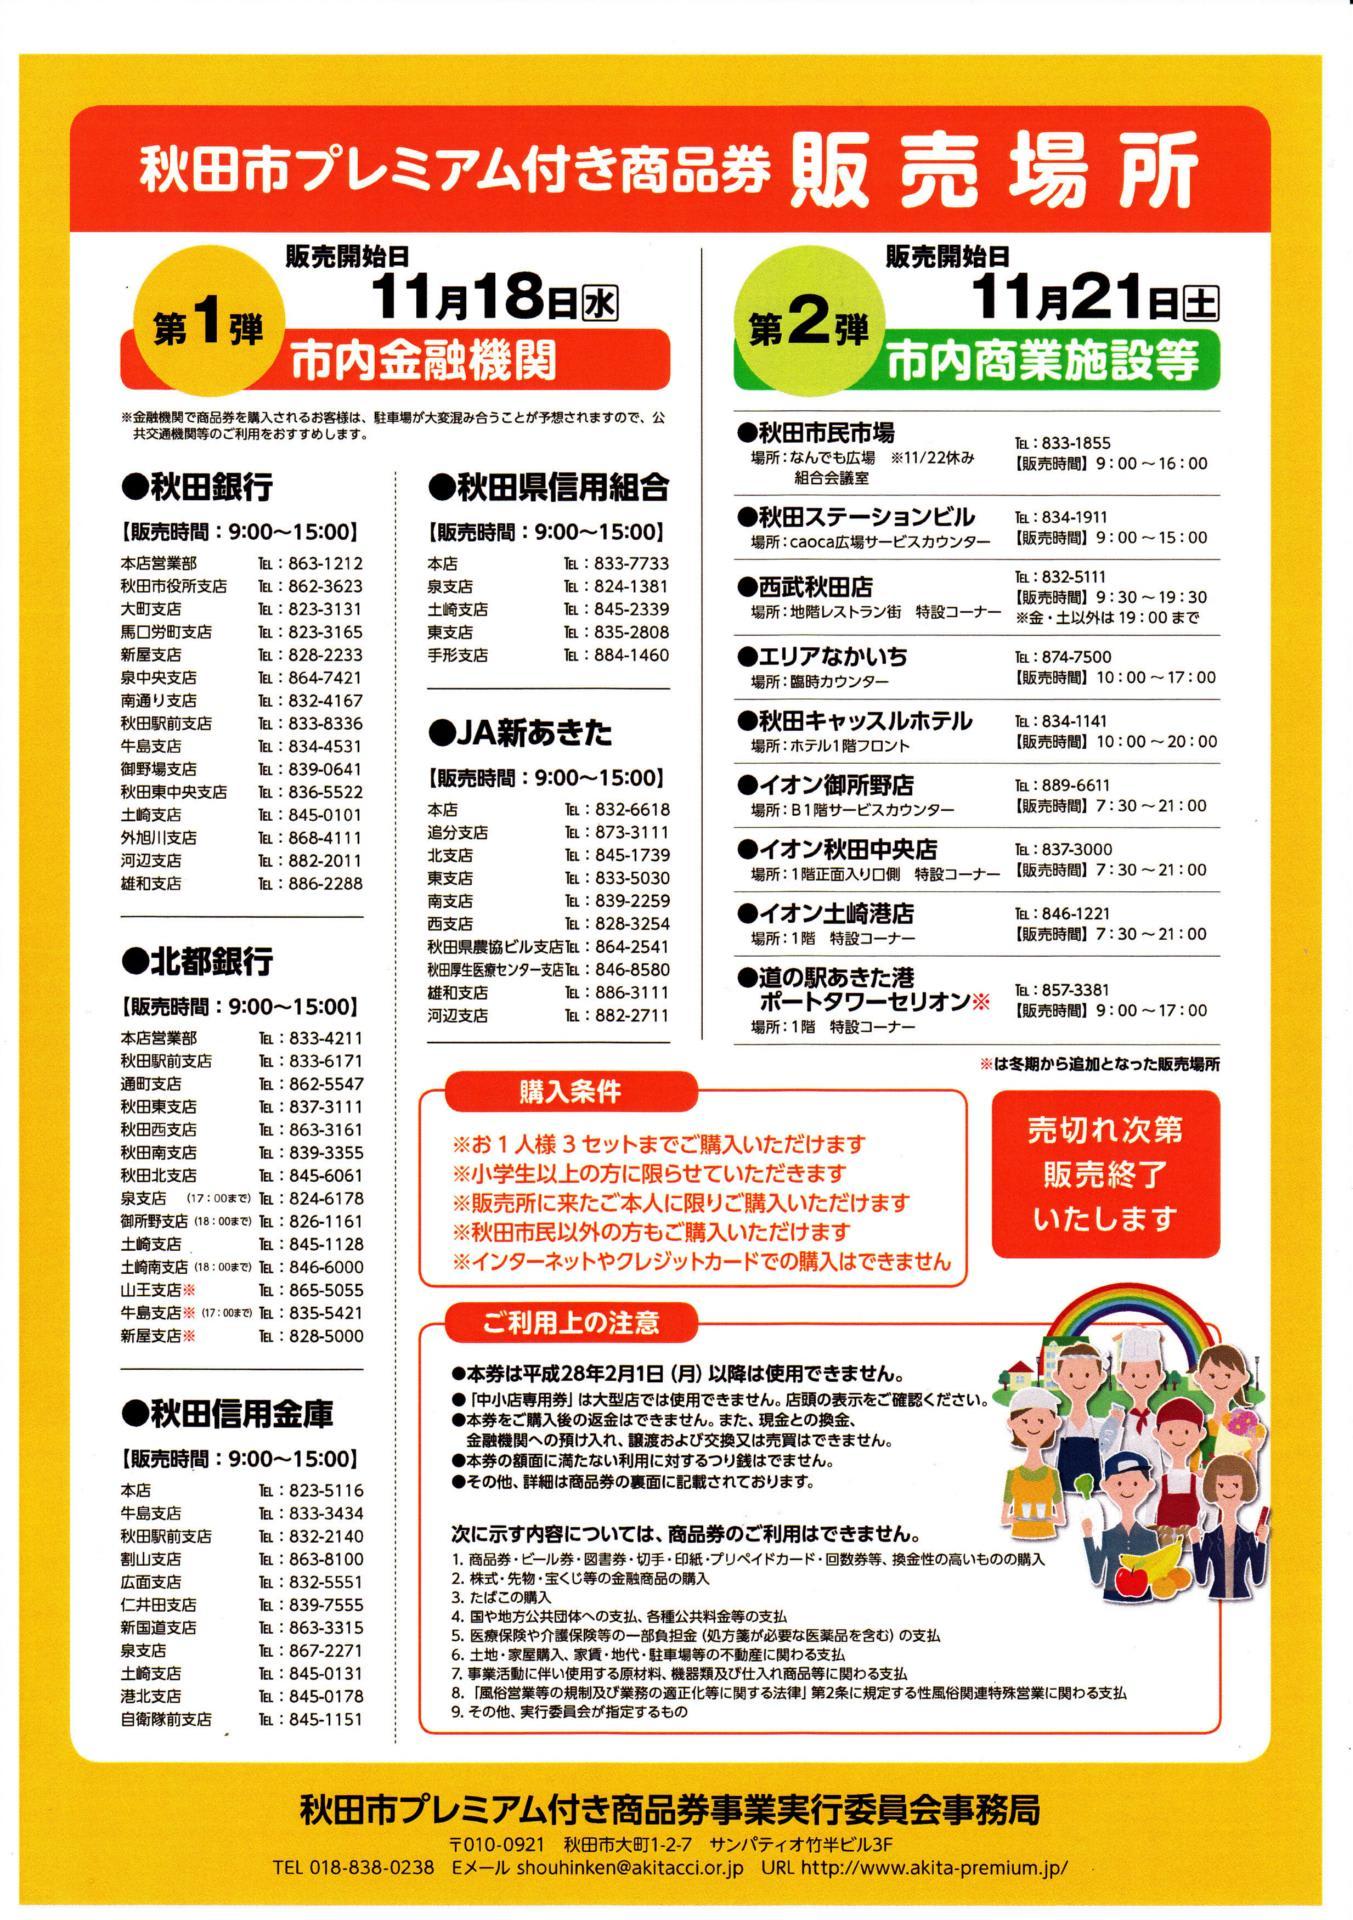 秋田 市 プレミアム 商品 券 秋田市公式サイト